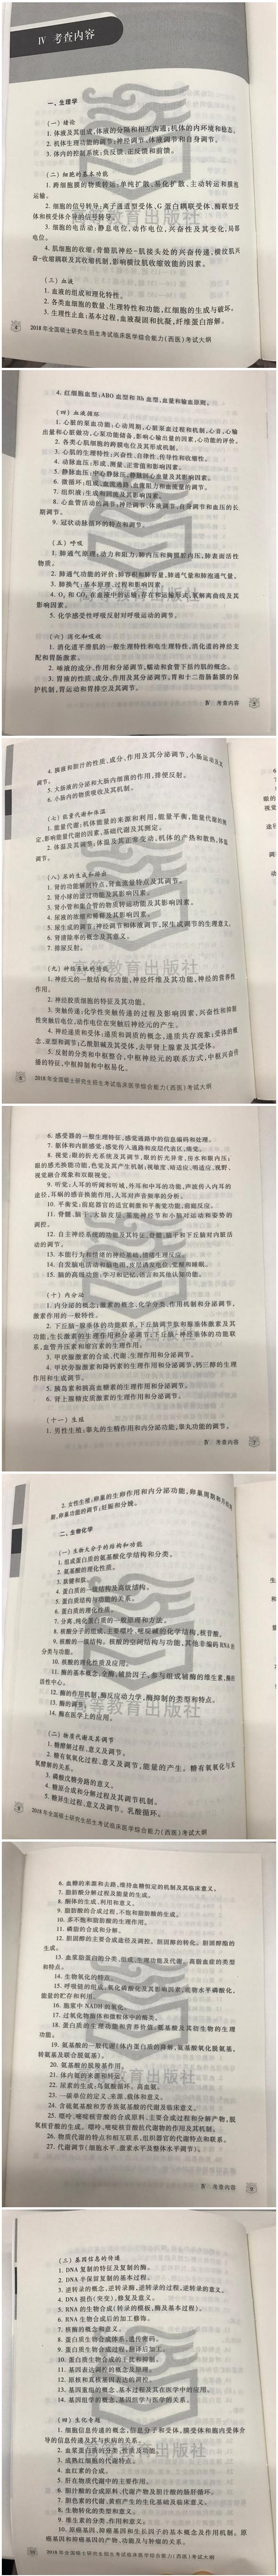 2019西医综合考研大纲